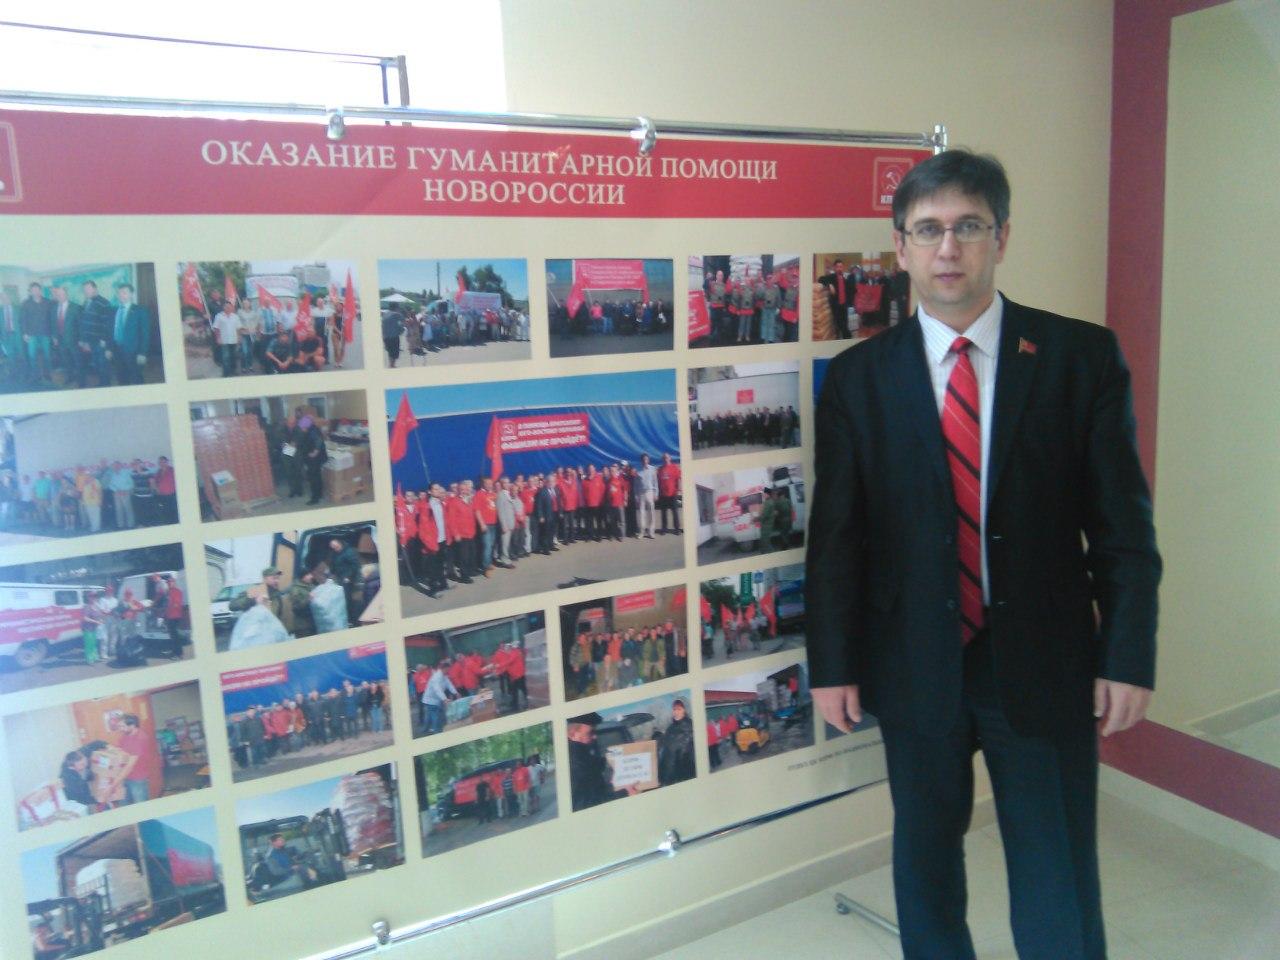 В Московской области состоялся семинар-совещание руководителей региональных комитетов КПРФ